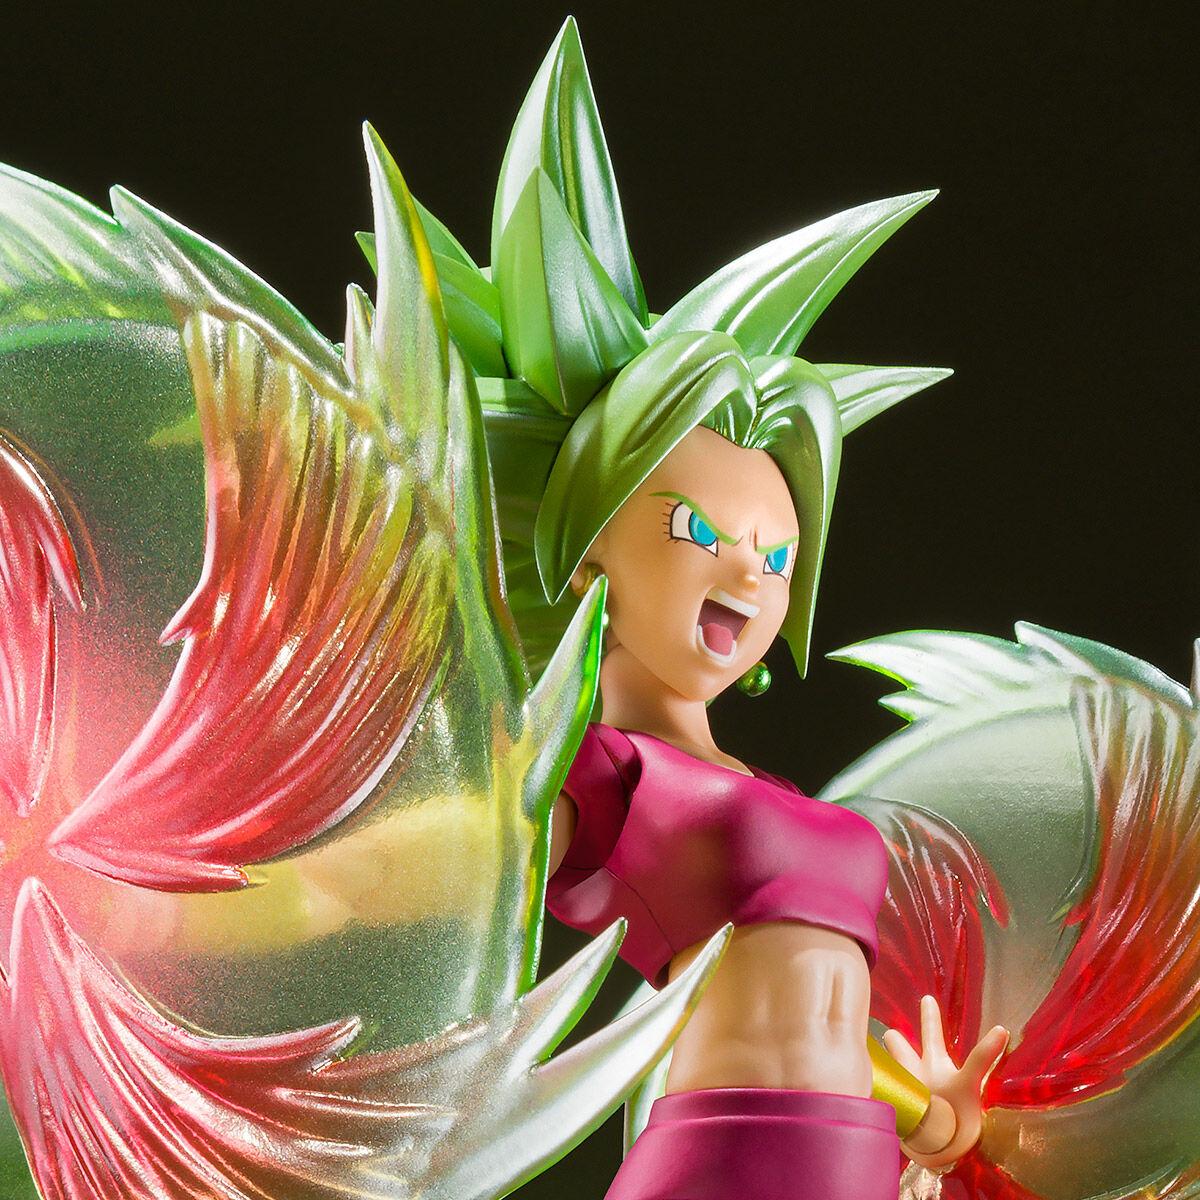 【限定販売】S.H.Figuarts『スーパーサイヤ人ケフラ』ドラゴンボール超 可動フィギュア-001